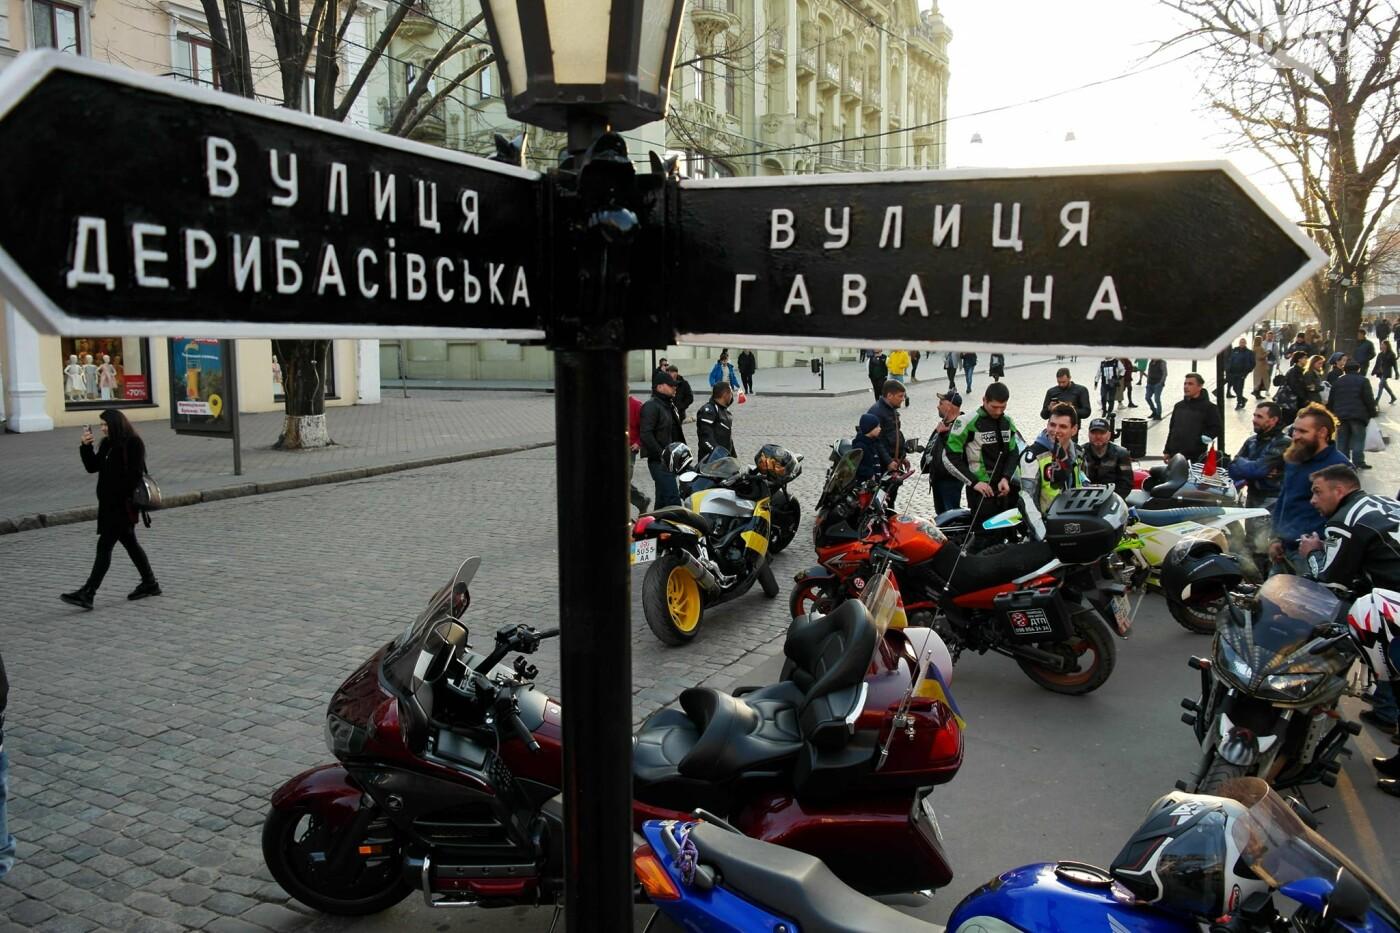 Маски без масок: 1 апреля в Одессе было весело, несмотря на карантин,- ФОТОРЕПОРТАЖ, фото-18